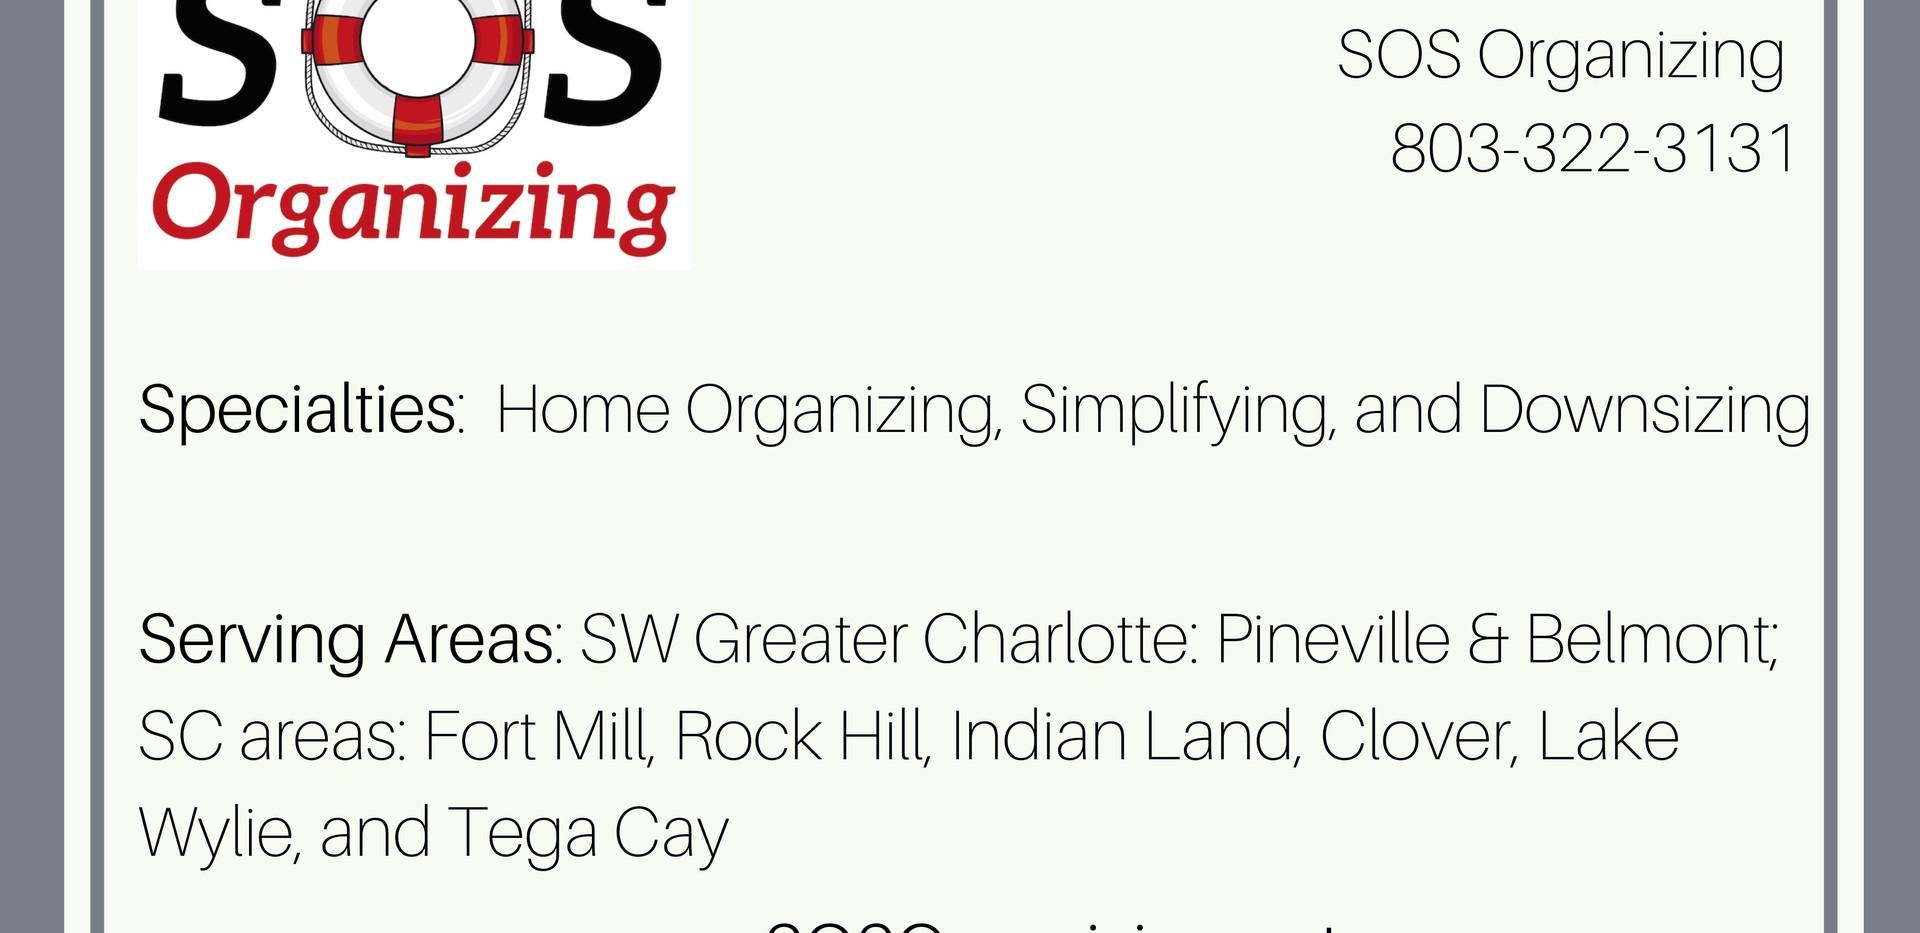 SOS Organizing